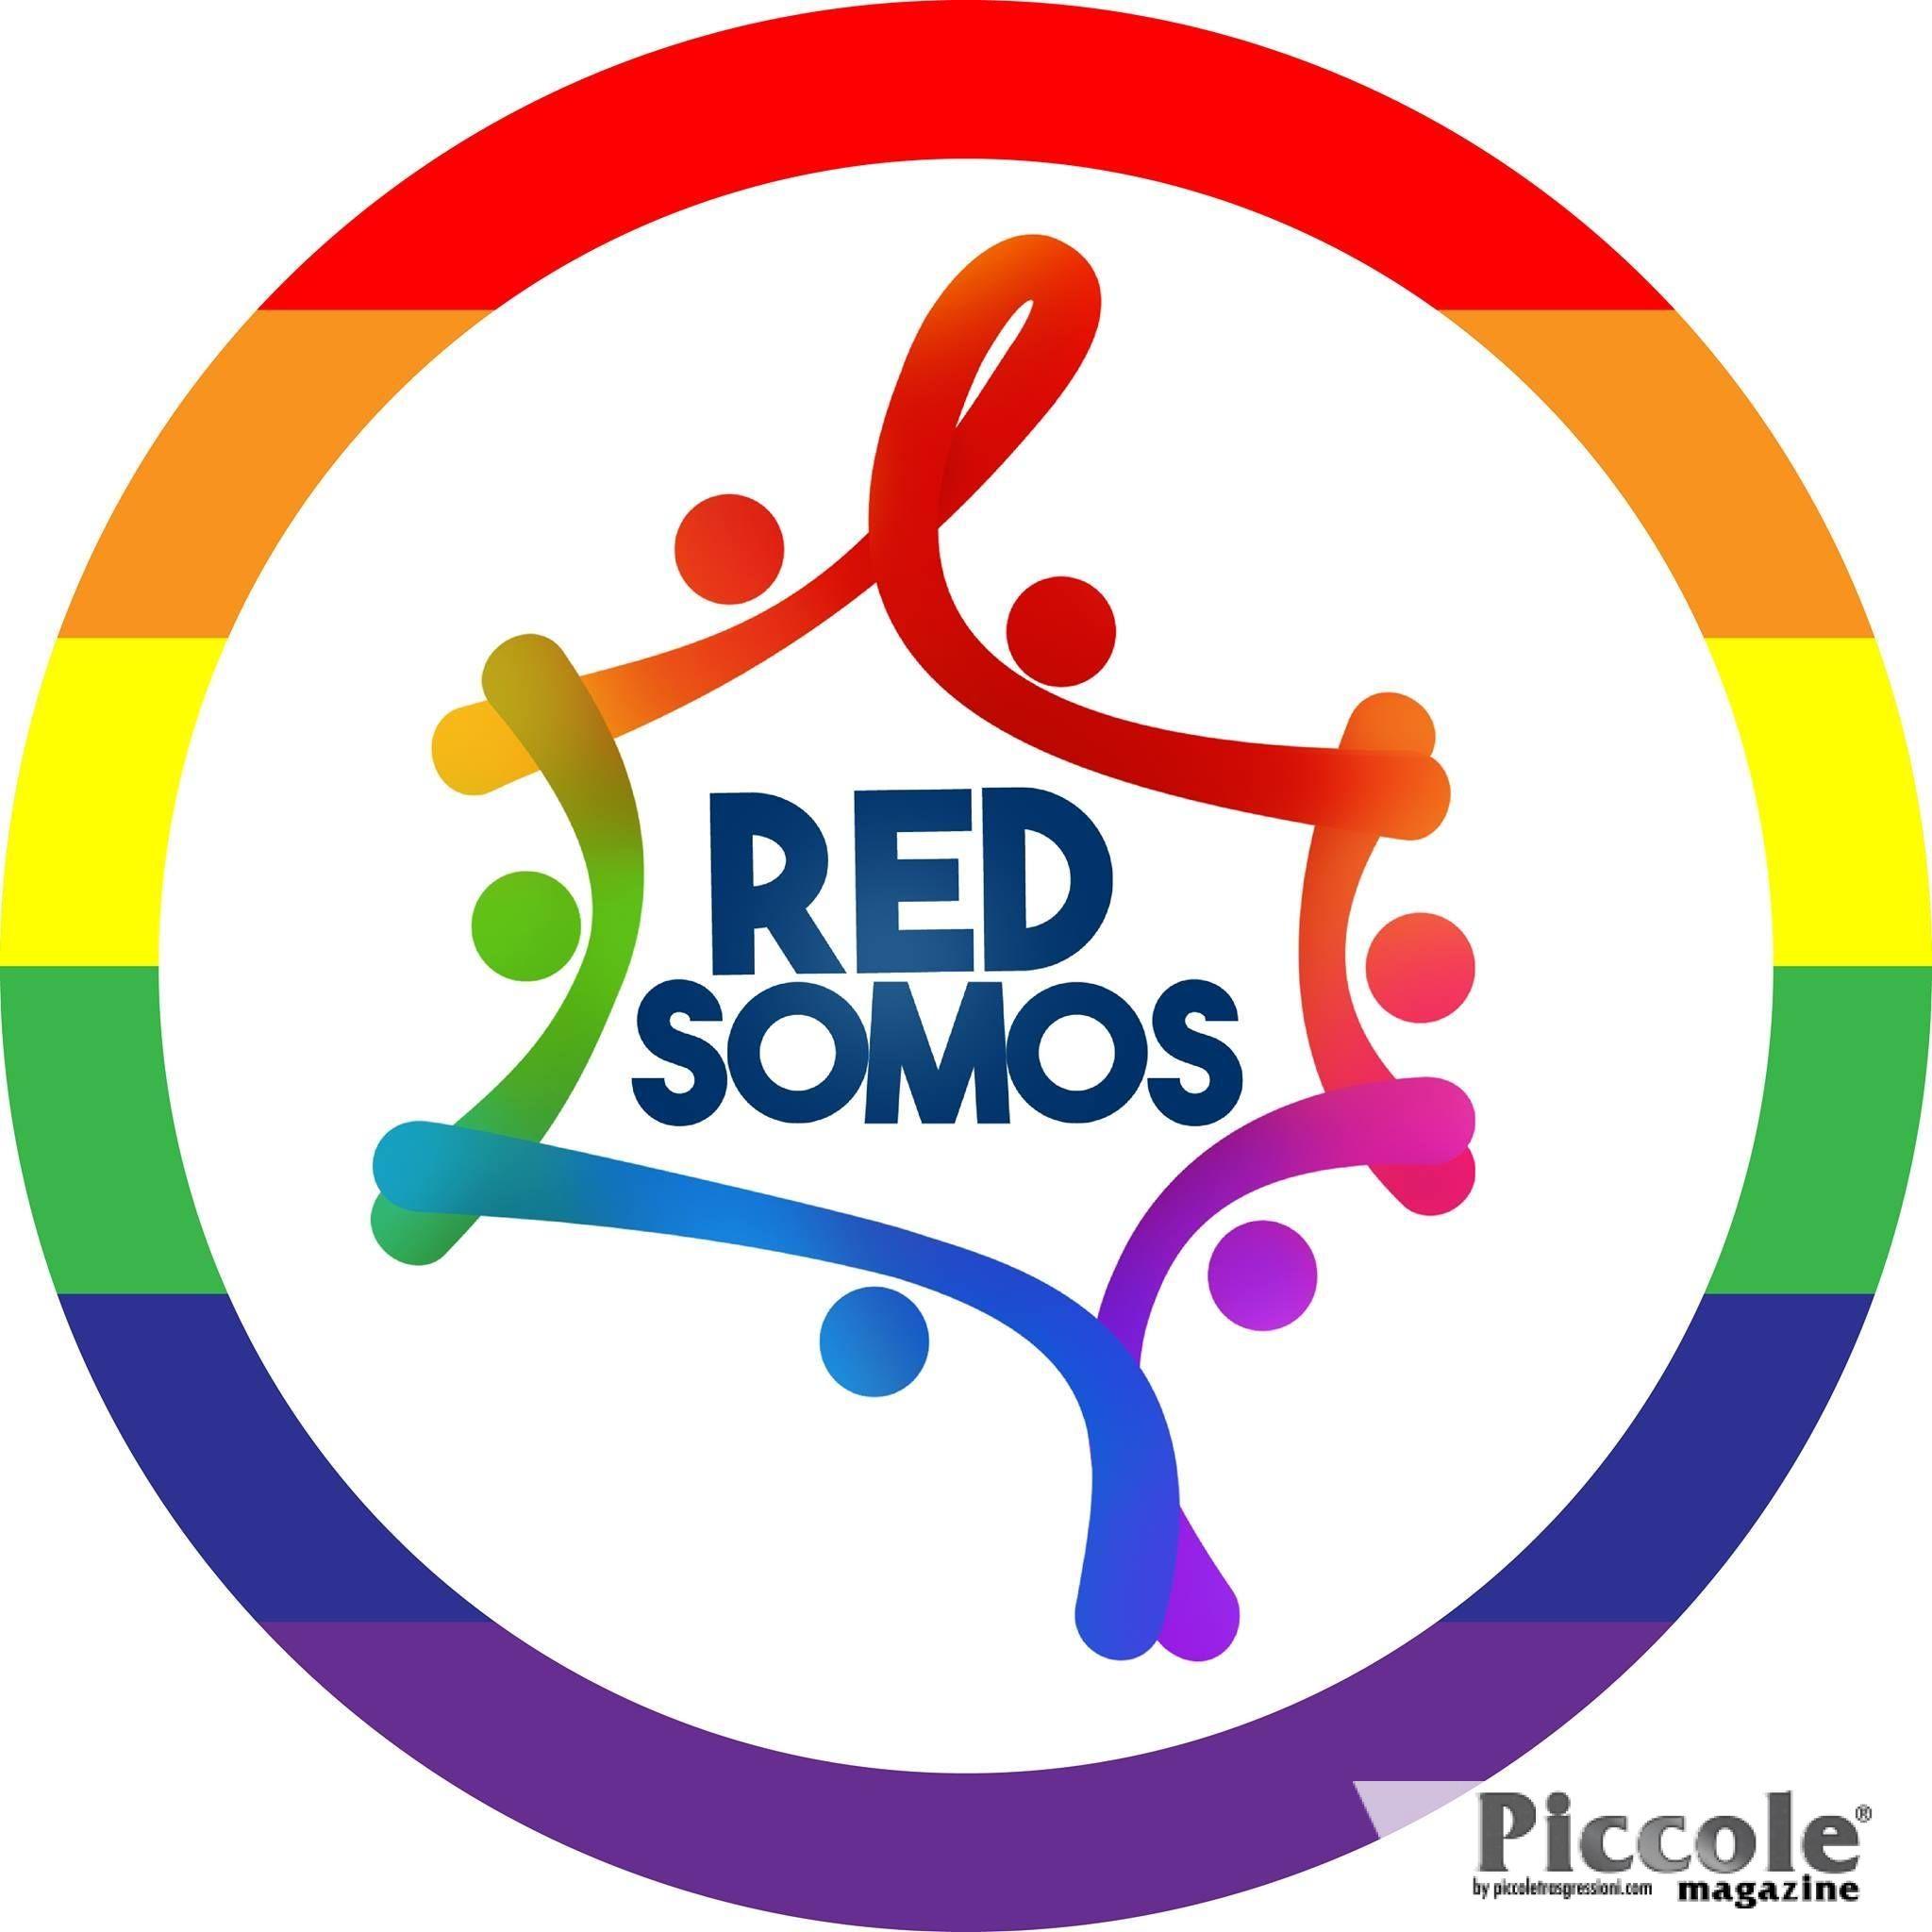 https://www.ilpiccolemagazine.tv/interviste/red-somos-un-organizzazione-integralmente-dedicata-all-assistenza-sanitaria-in-colombia/